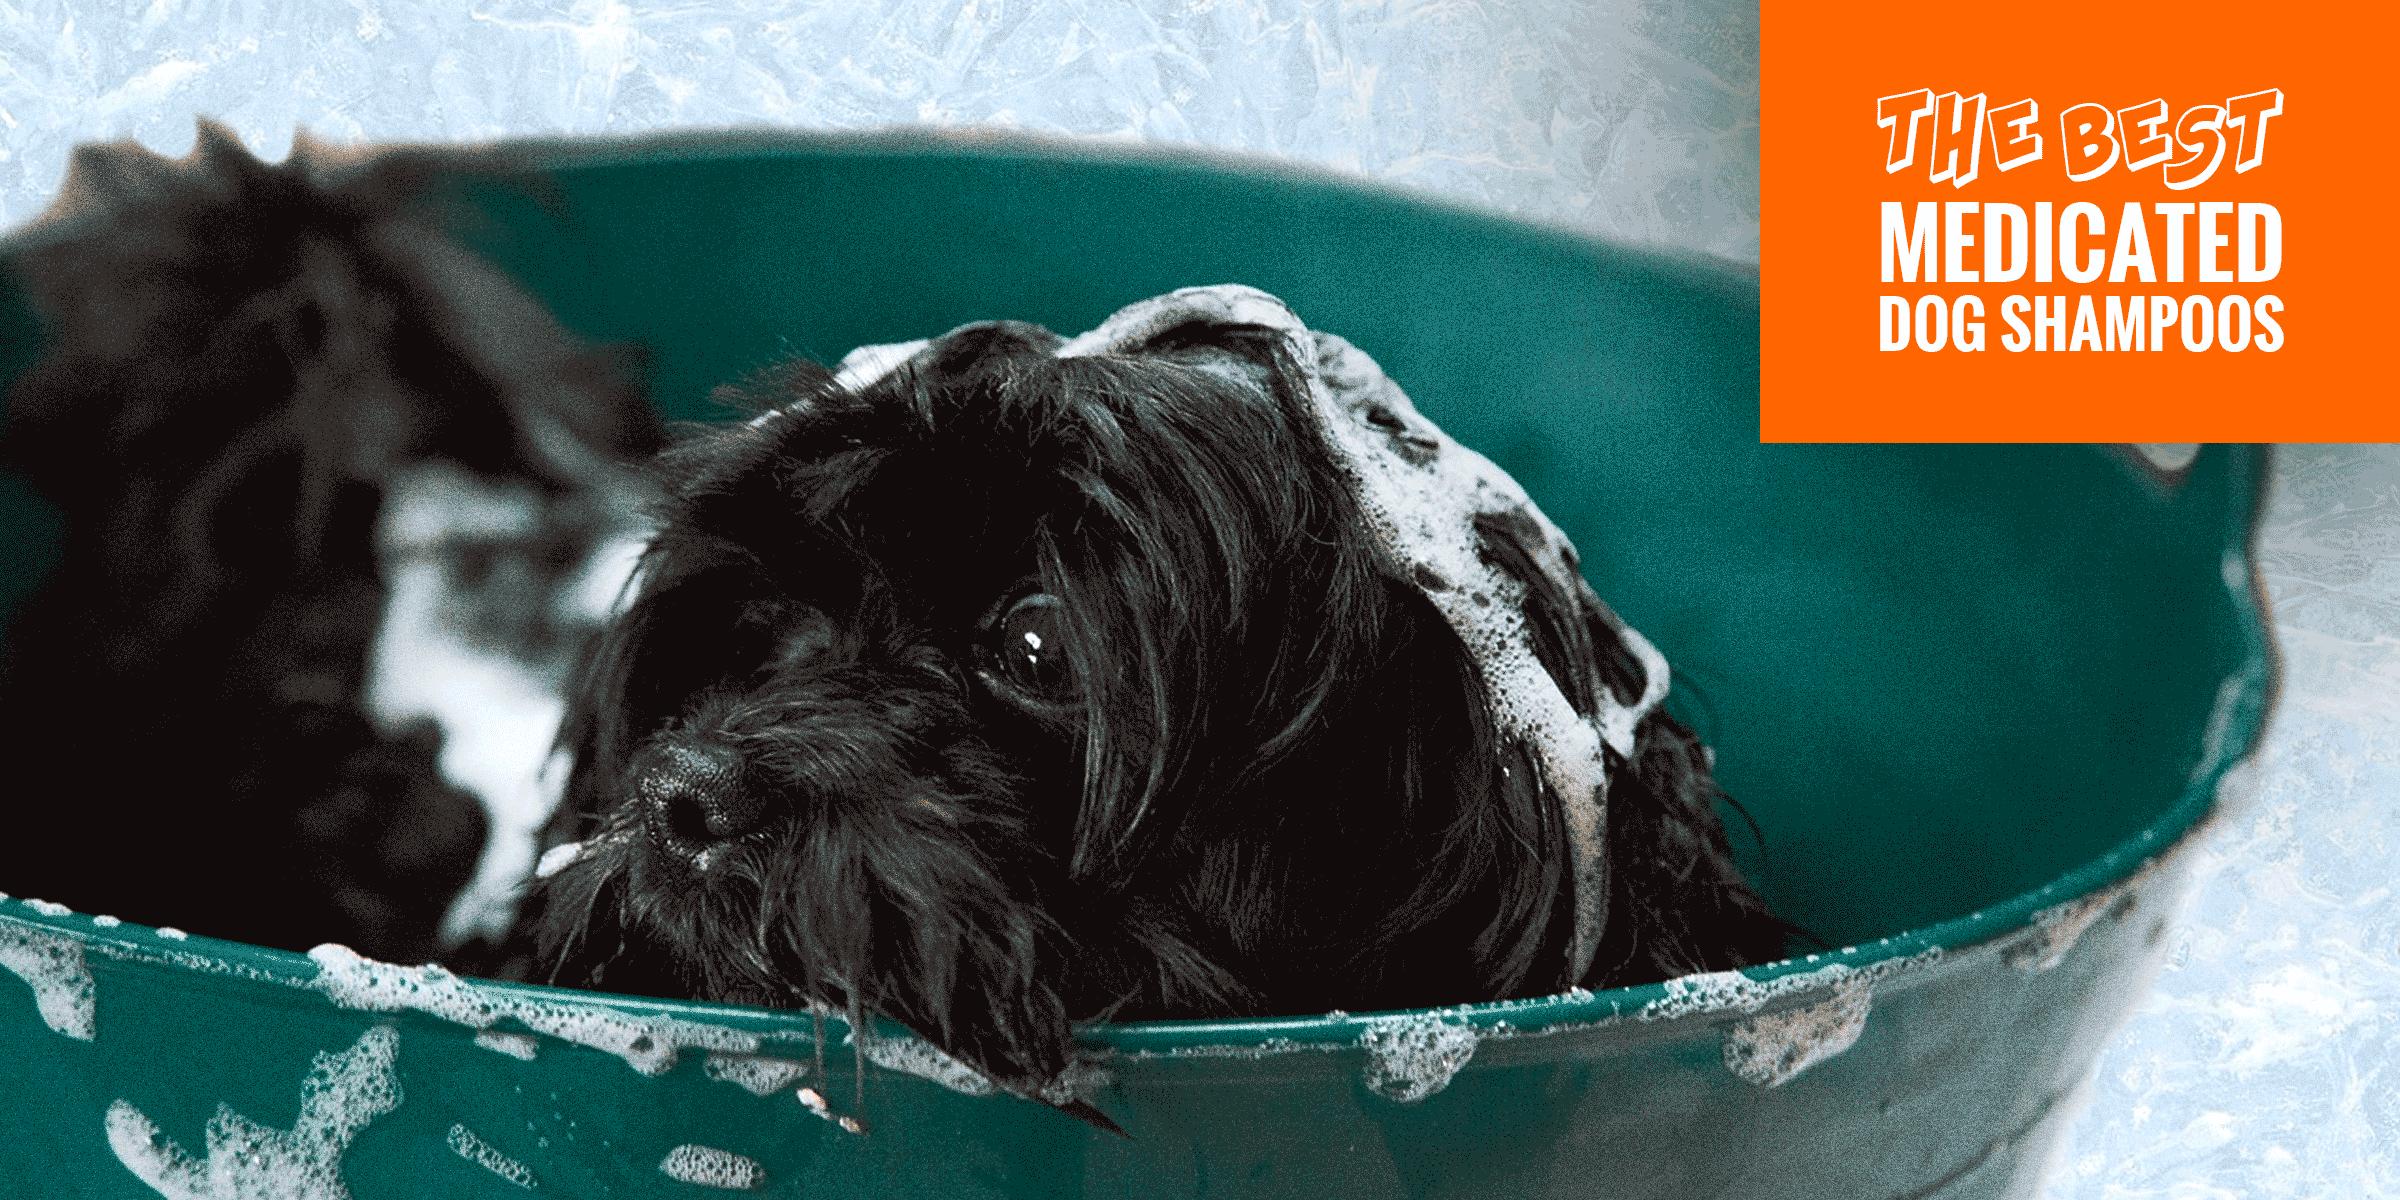 Best Medicated Dog Shampoos For Itchy Skin, Yeast, Mange & Parasites